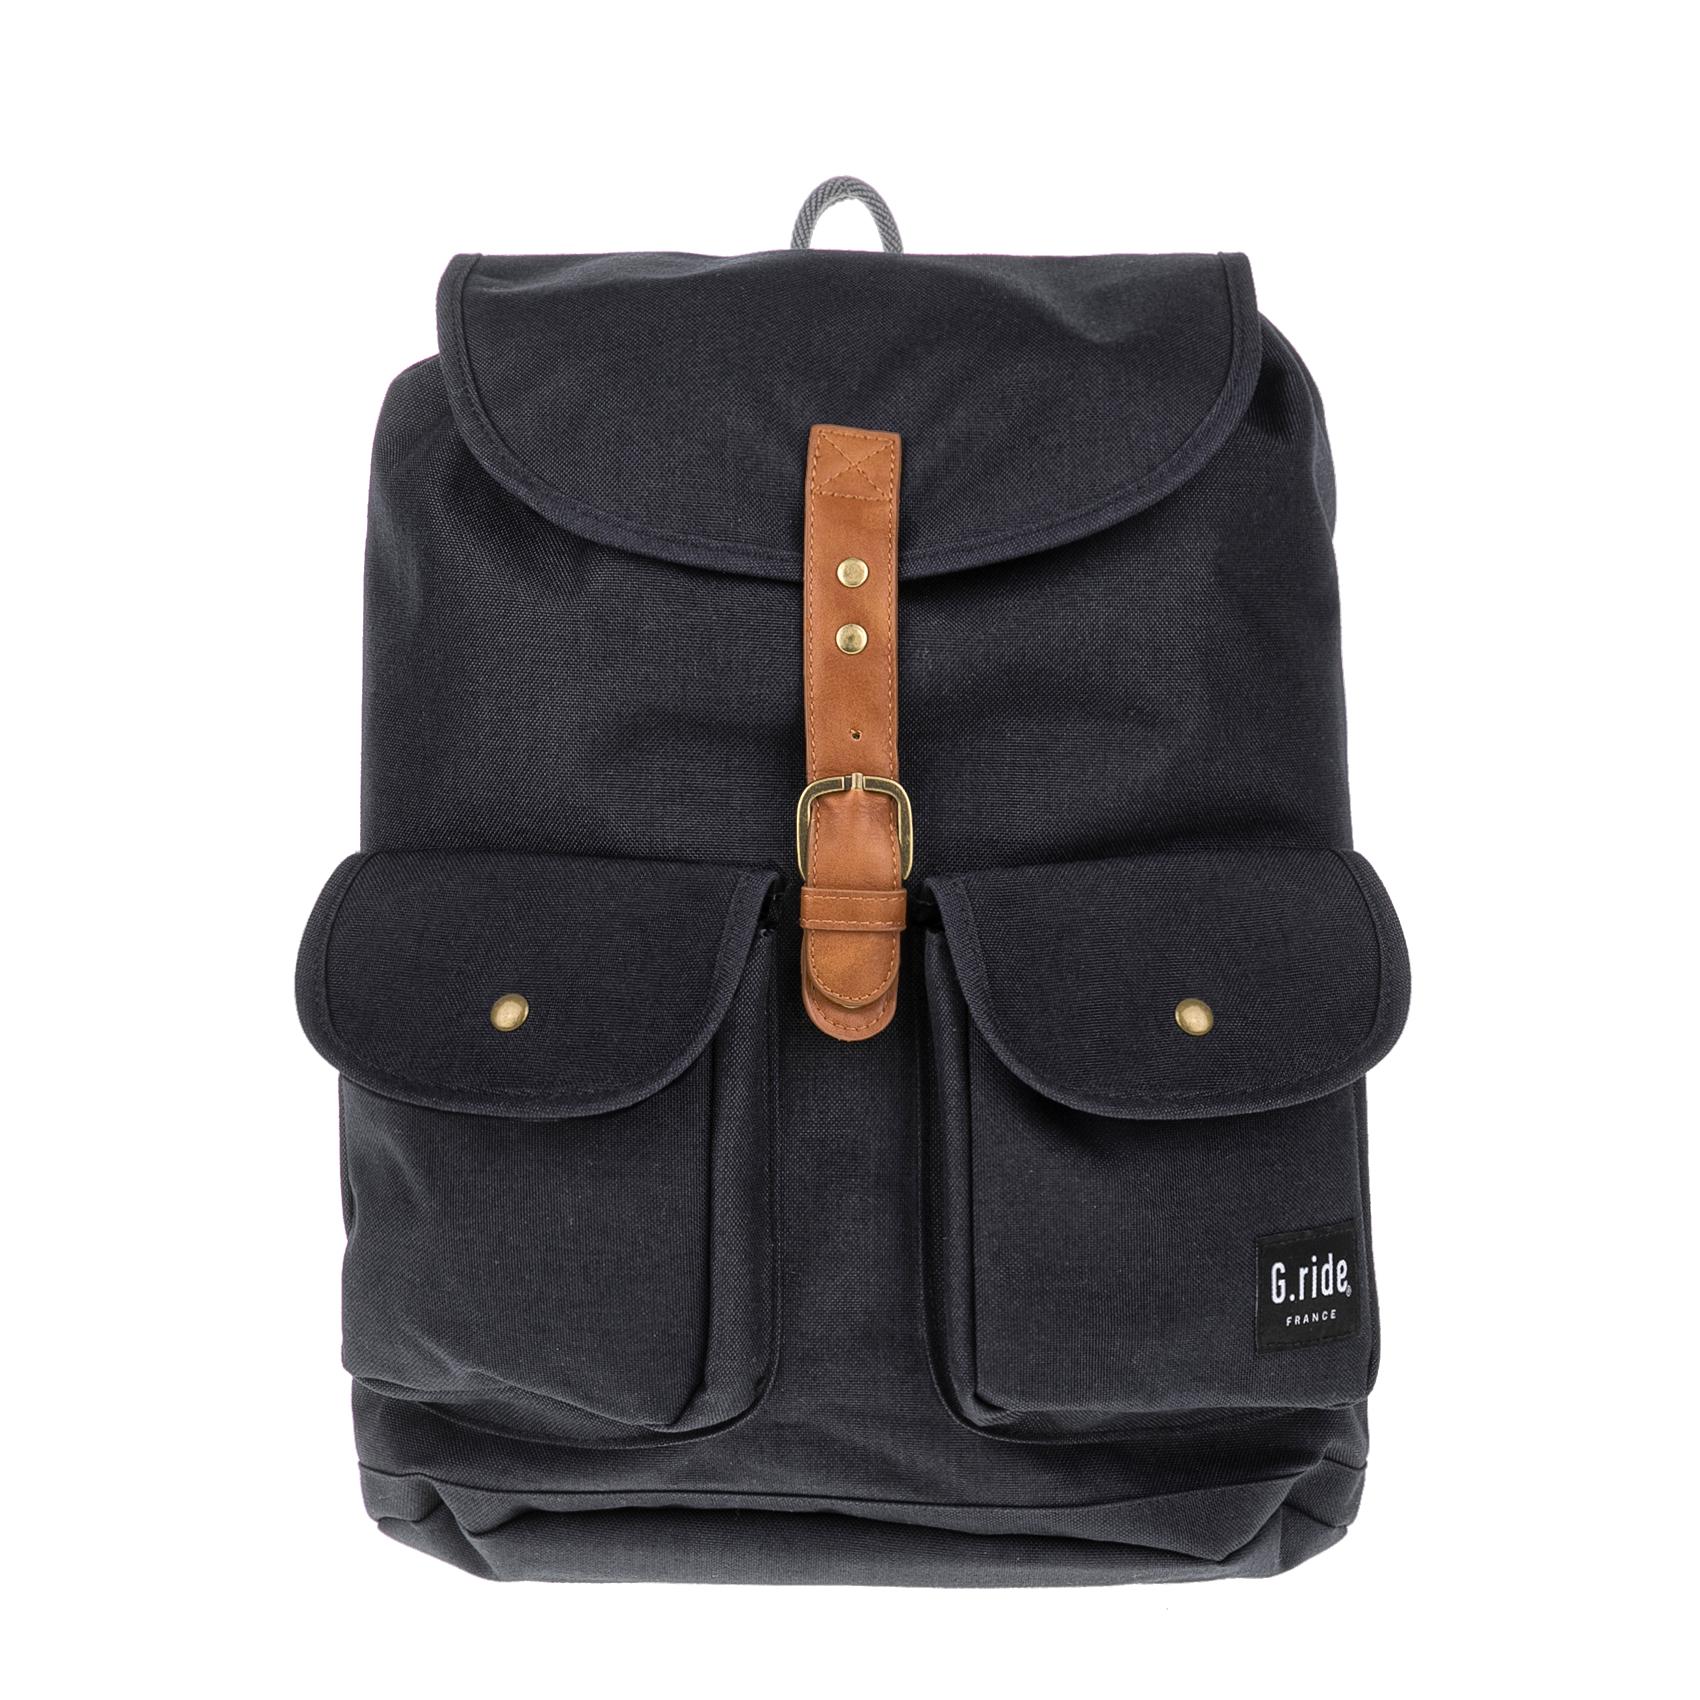 G.RIDE – Τσάντα πλάτης CHLOE μαύρη 1641745.0-7102